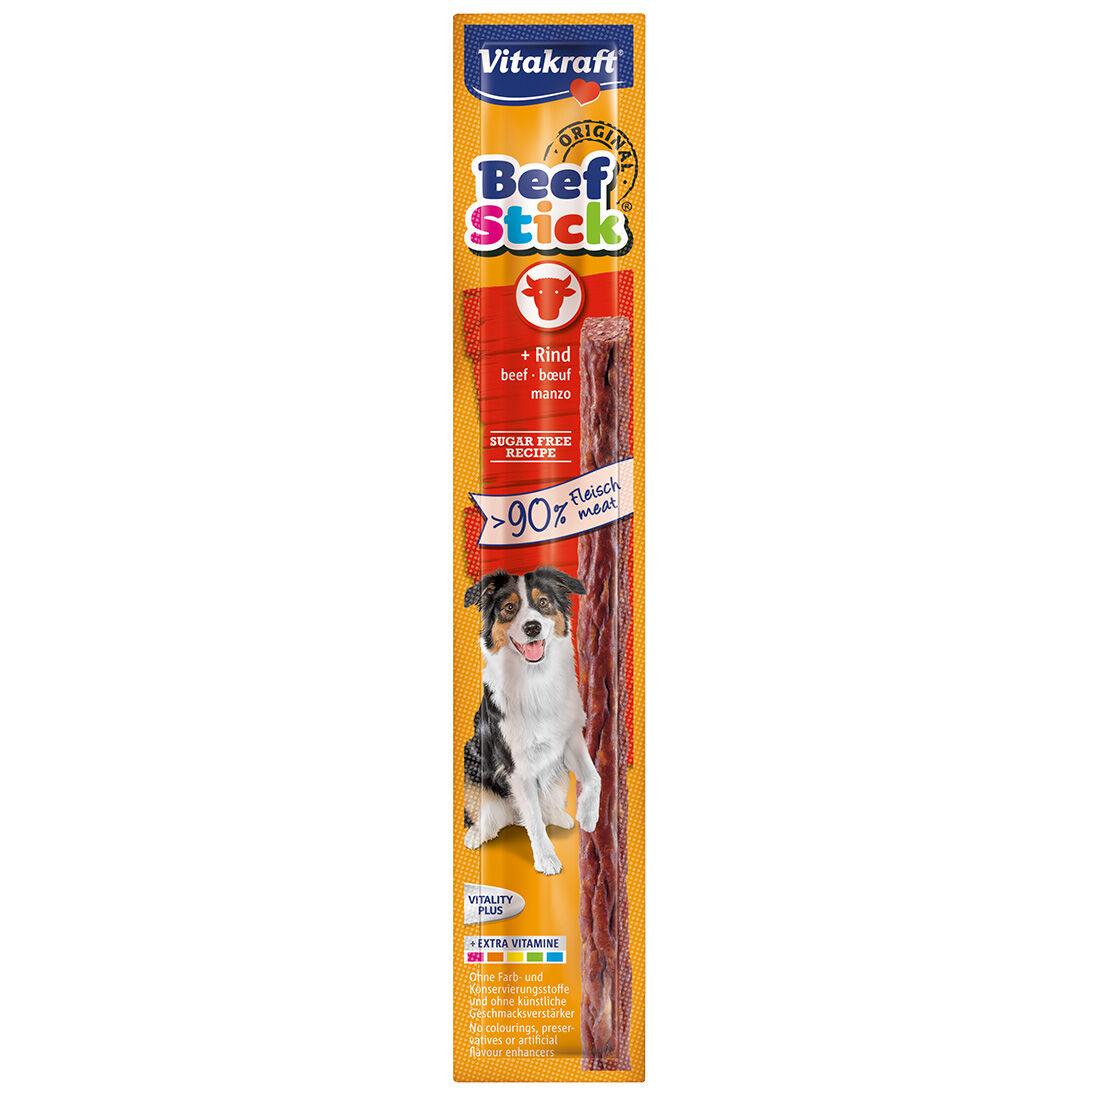 Vitakraft Friandise pour chien Vitakraft Beef-Stick au Bœuf Contenance : 1 pièce de 12 g